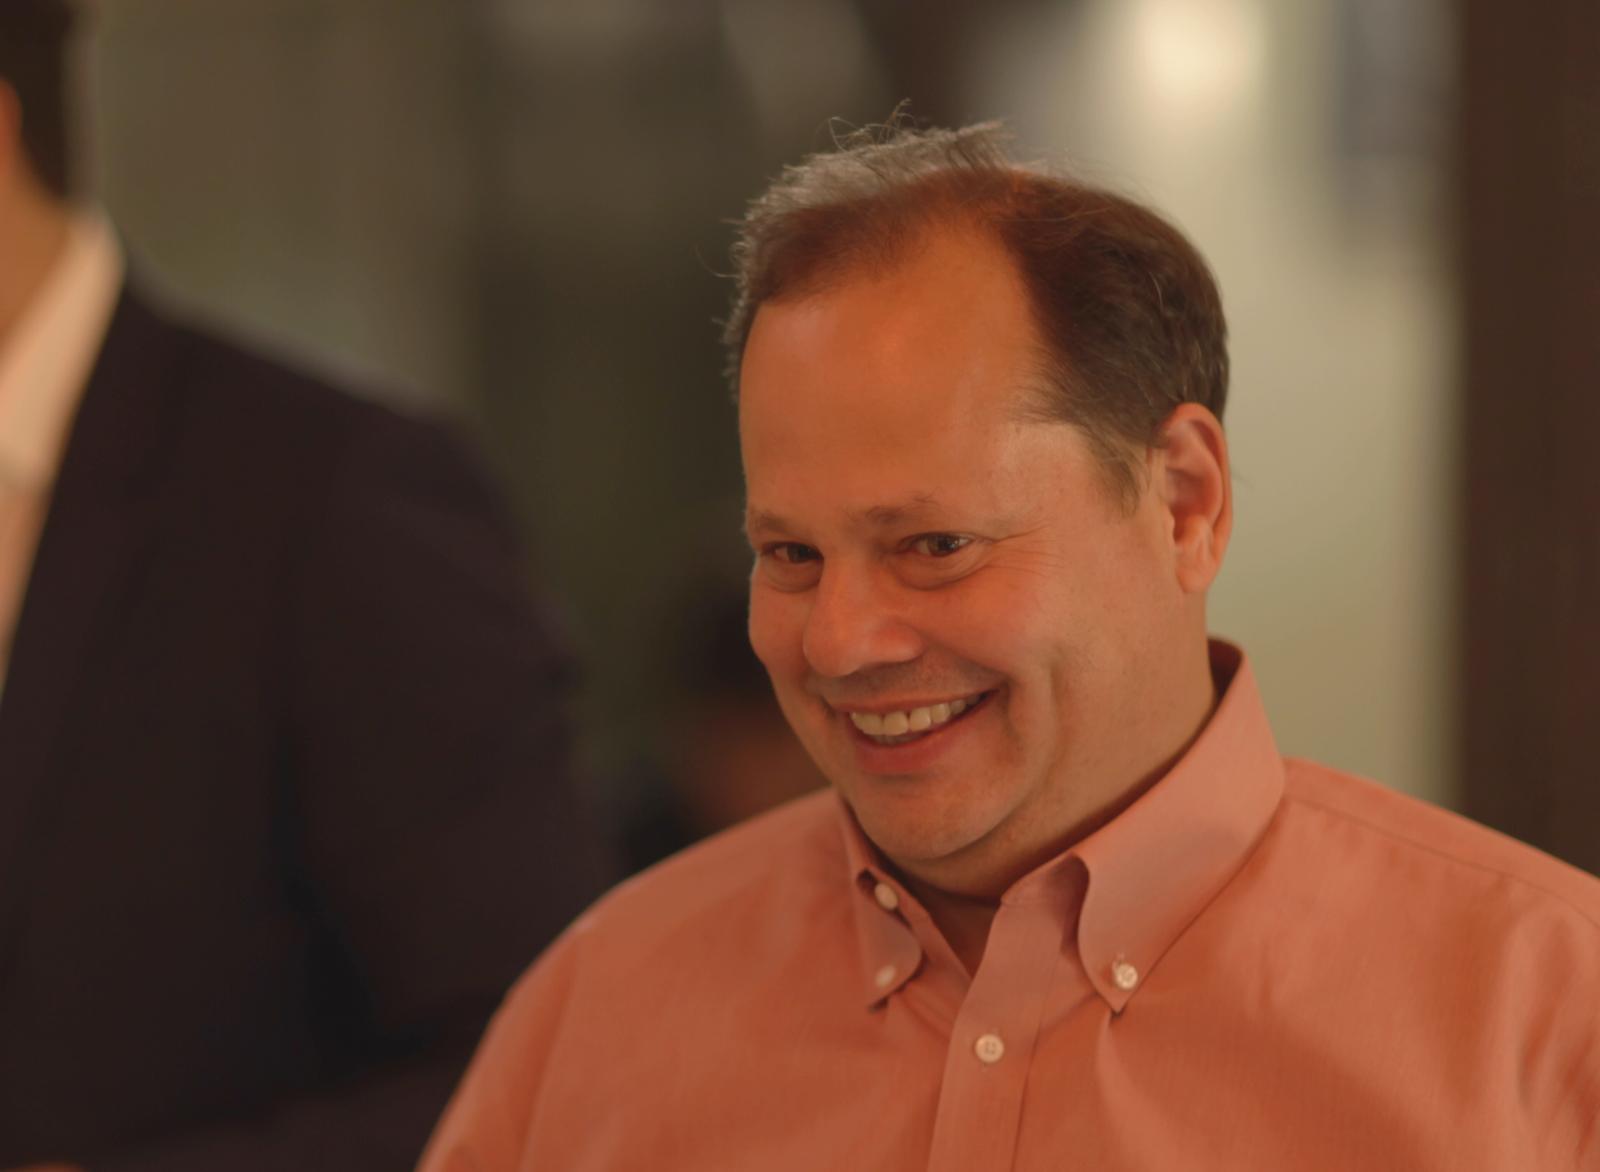 Gary Kremen, fundador do site Match.com